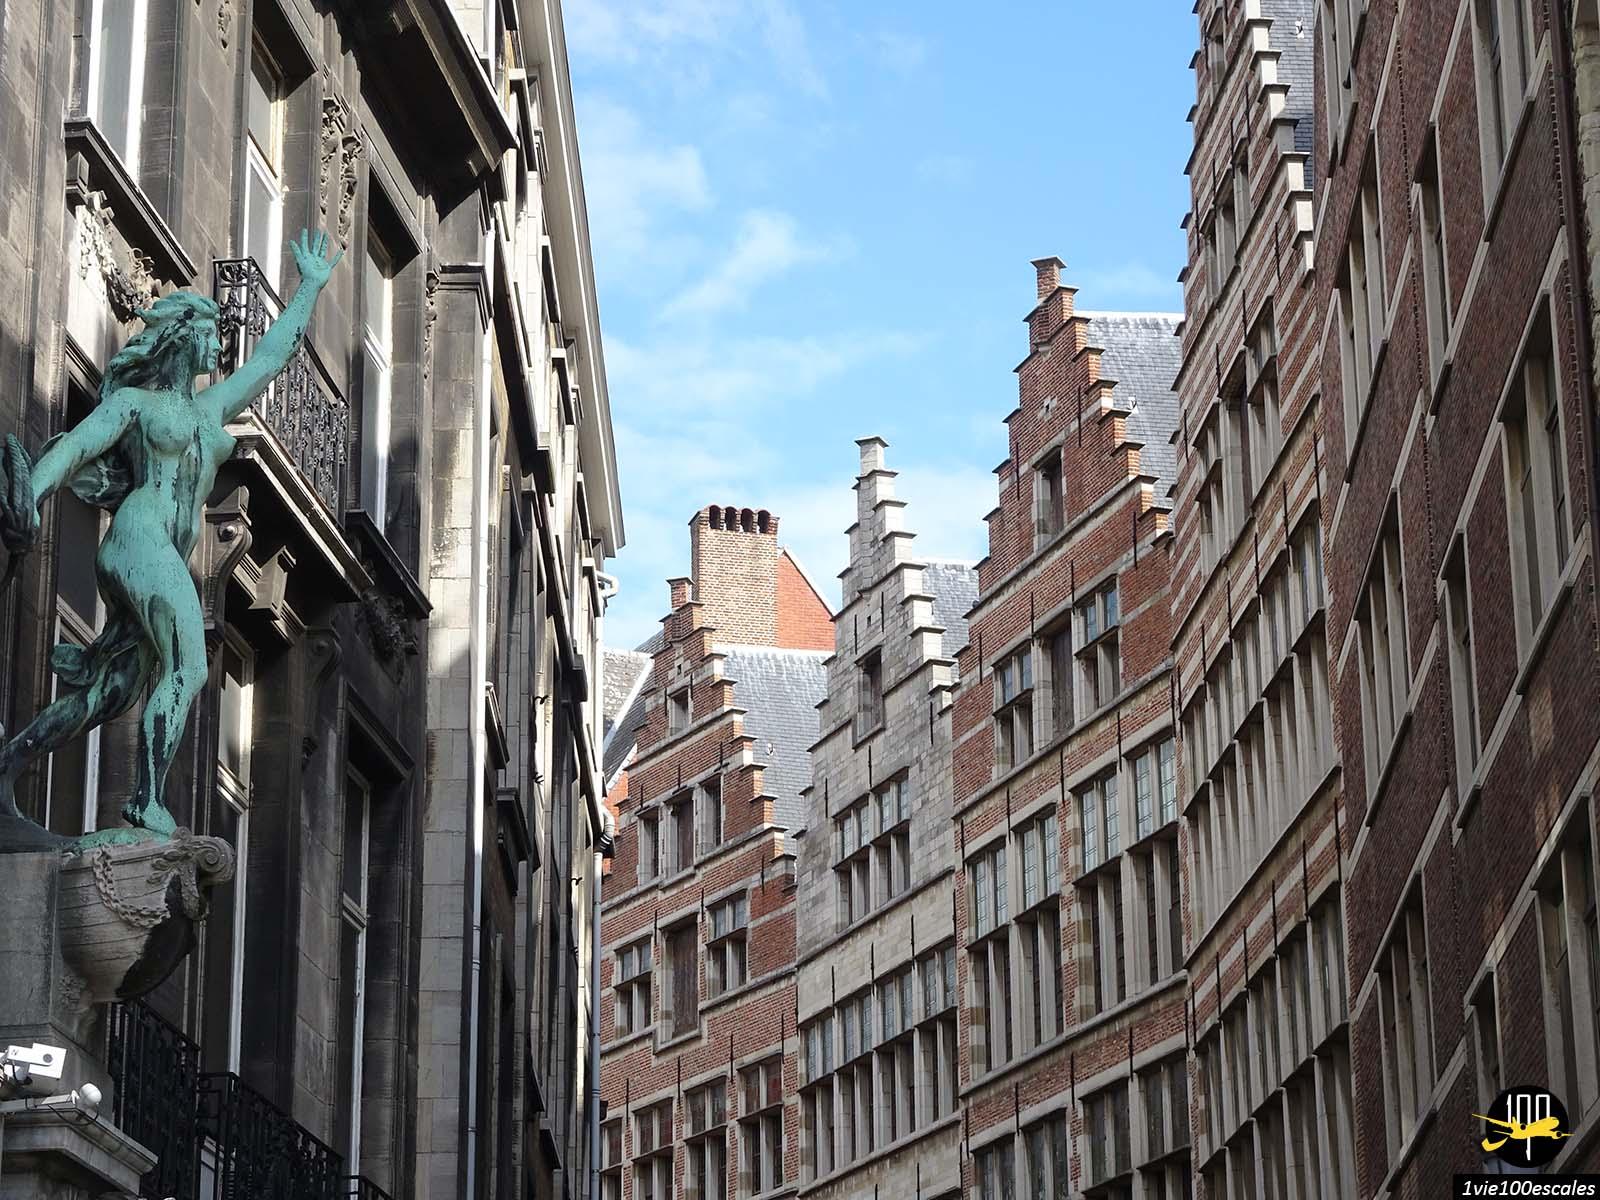 L'architecture typique en brique dans la vieille ville d'Anvers